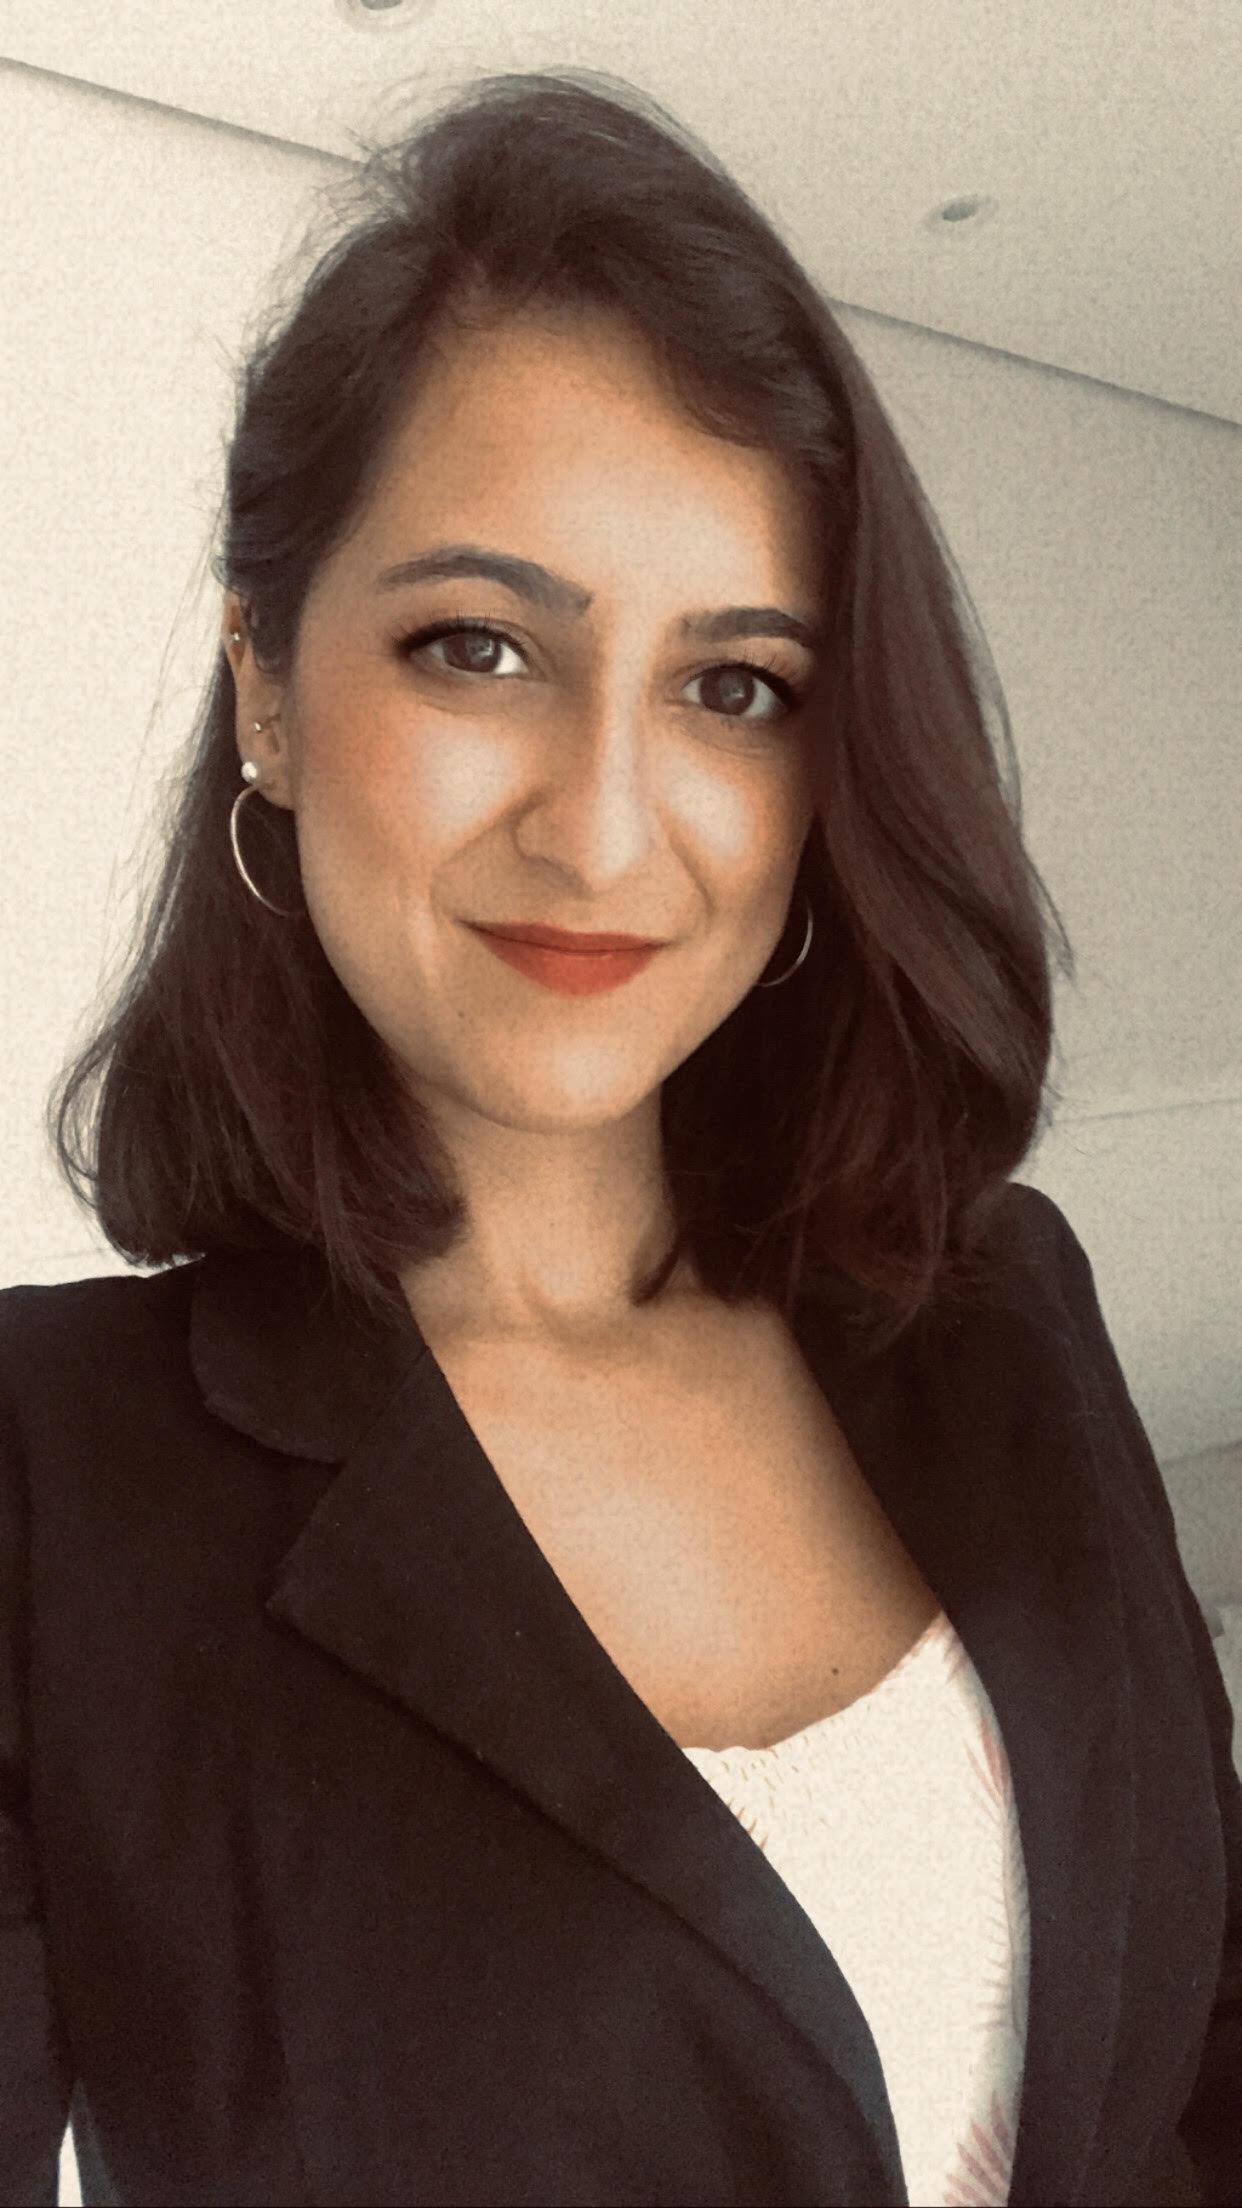 Elaine Prates